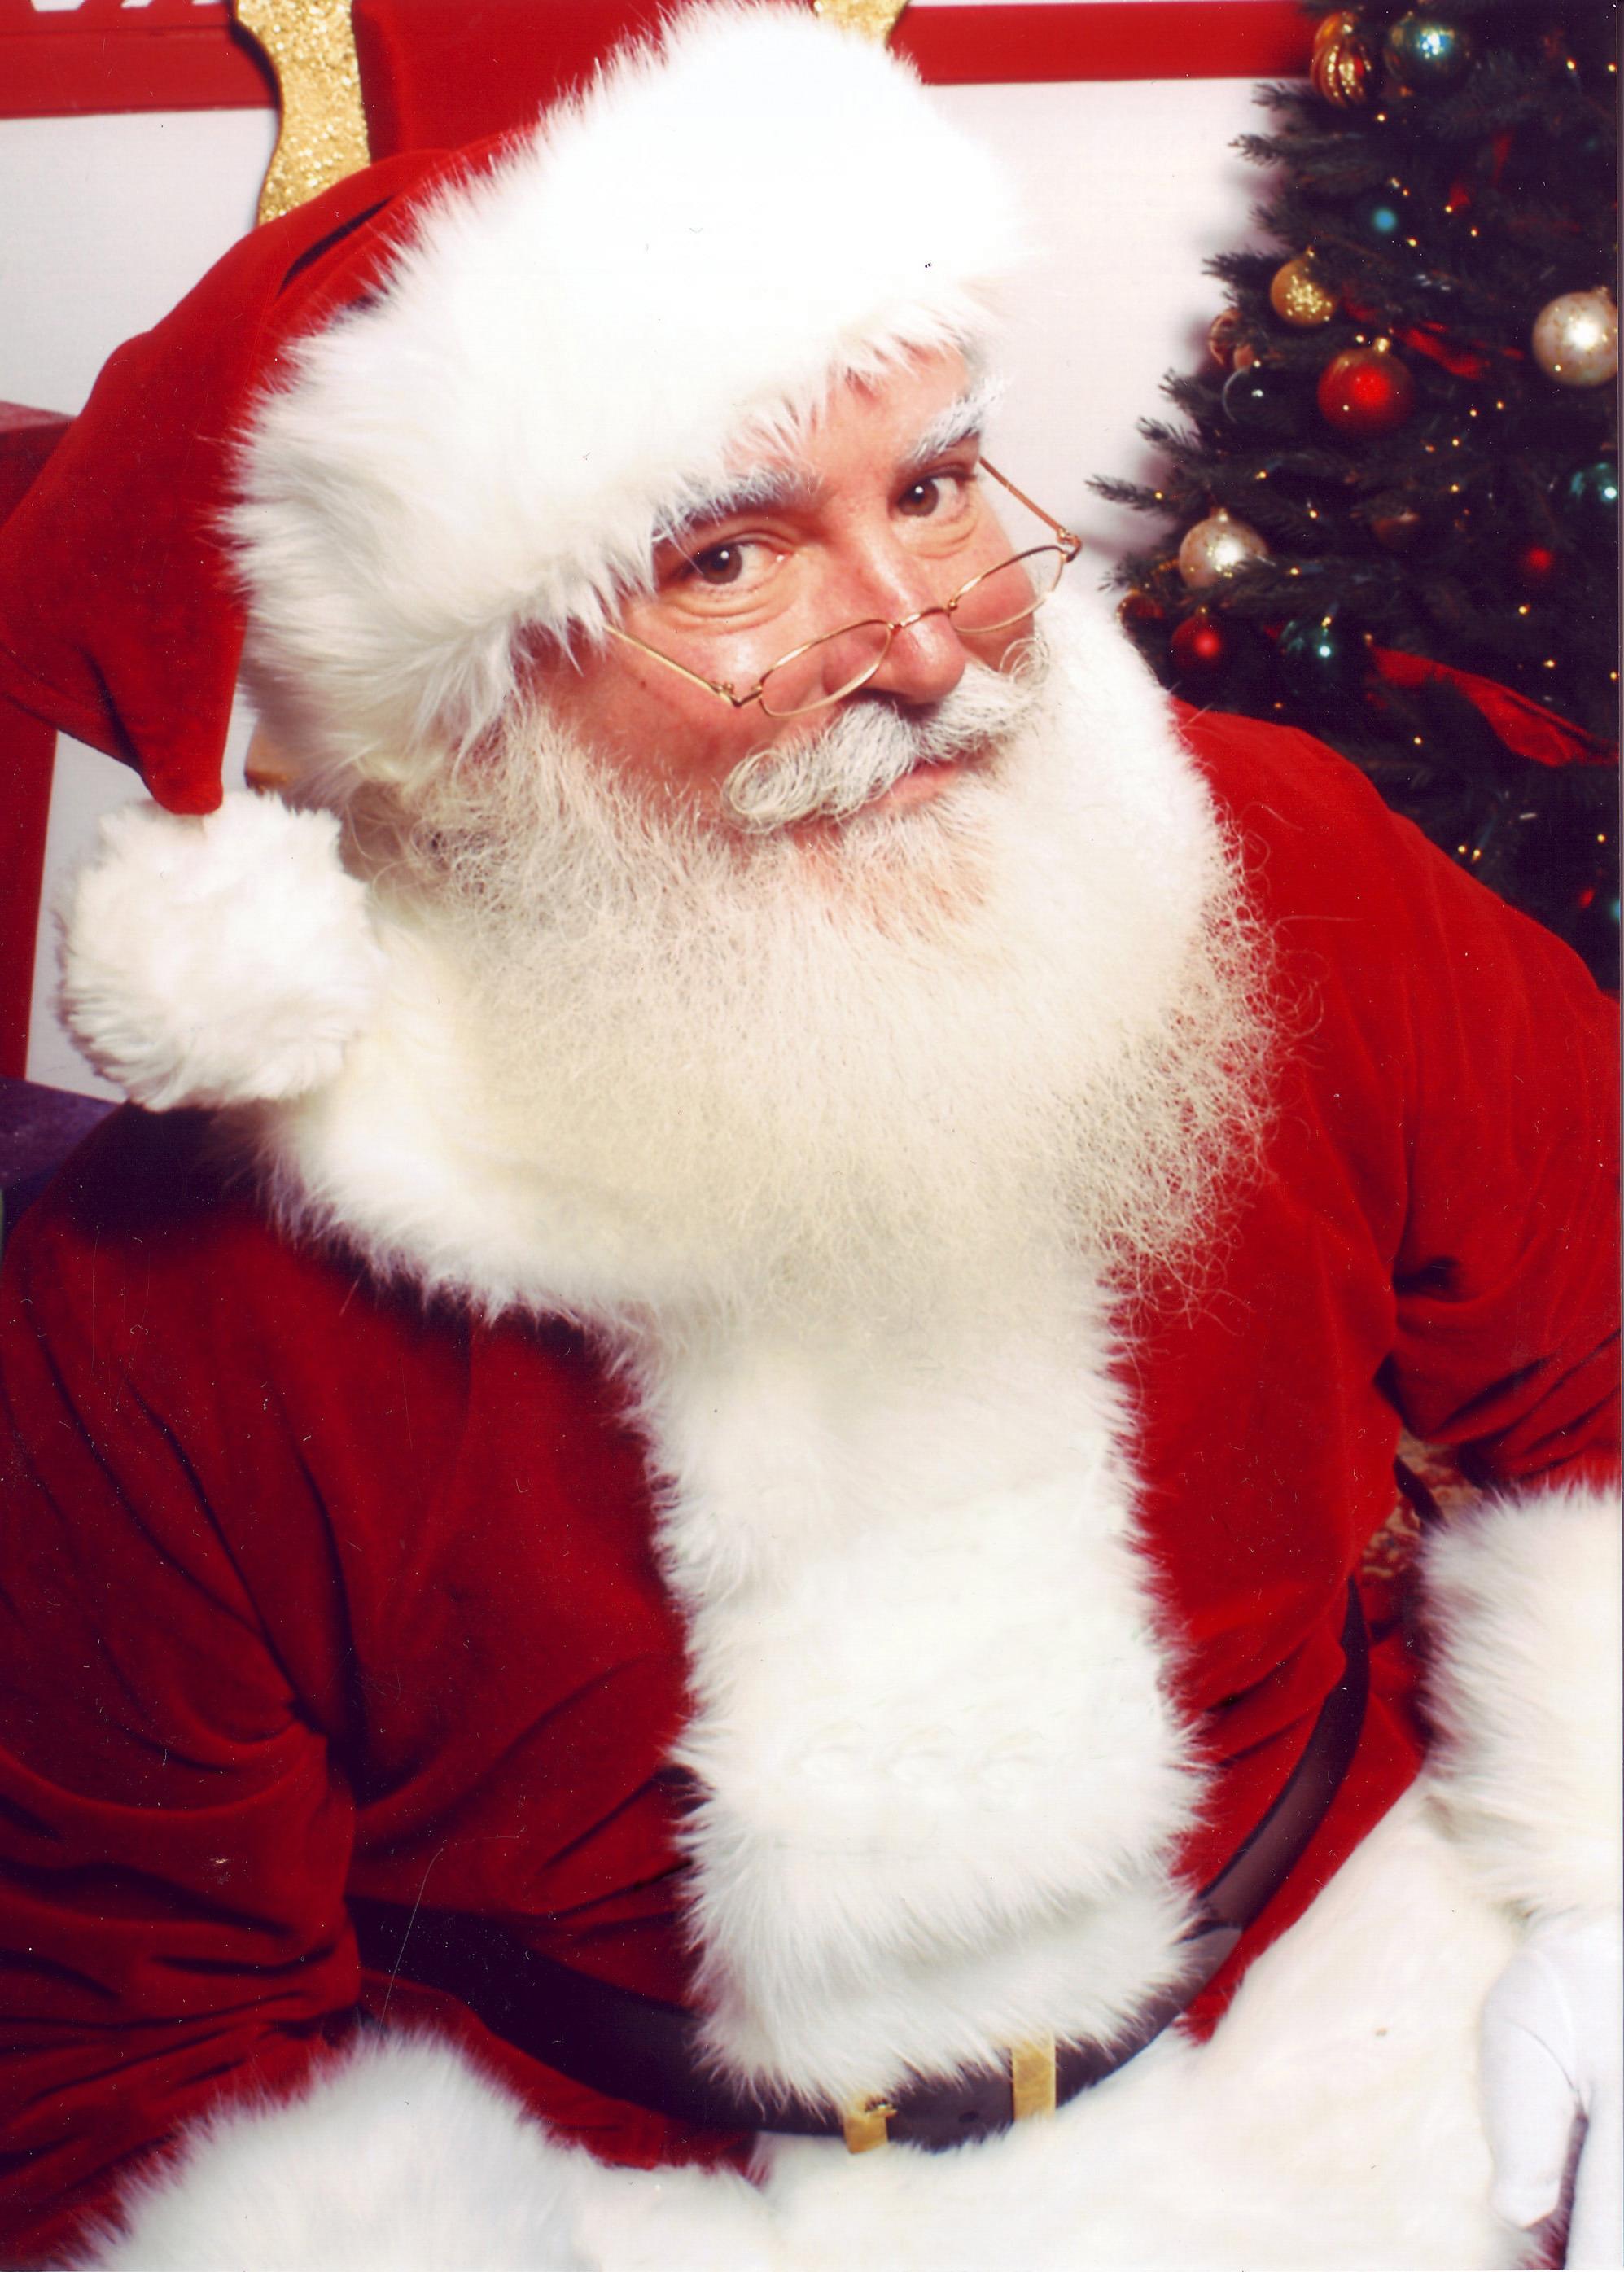 a9915912991db9e139c4_Santa_Claus.jpg